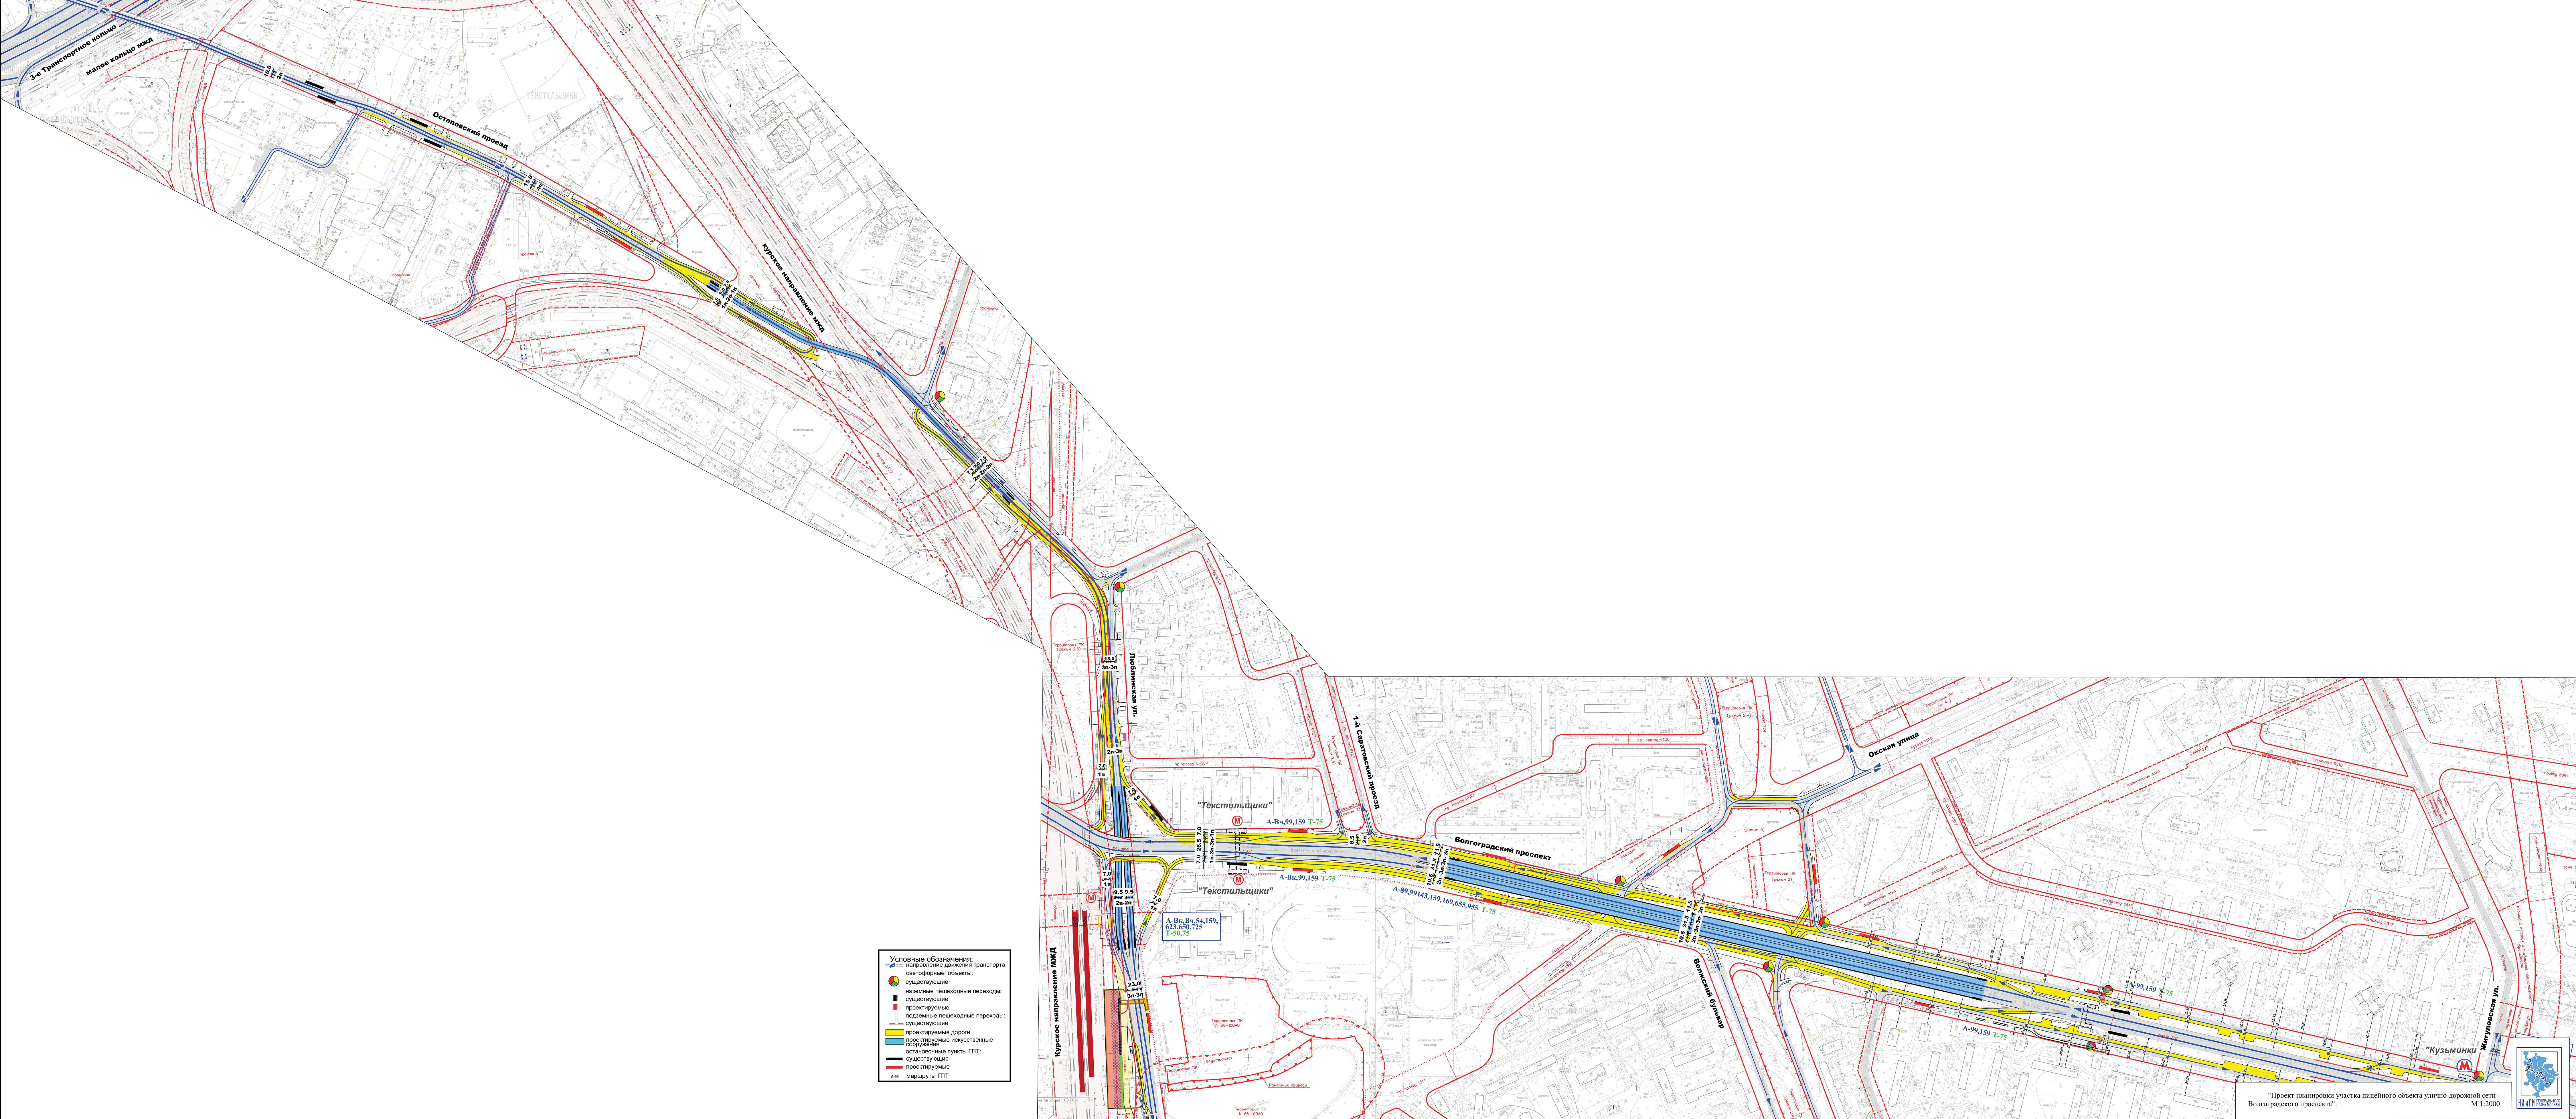 ленинградское шоссе в москве схема развязок